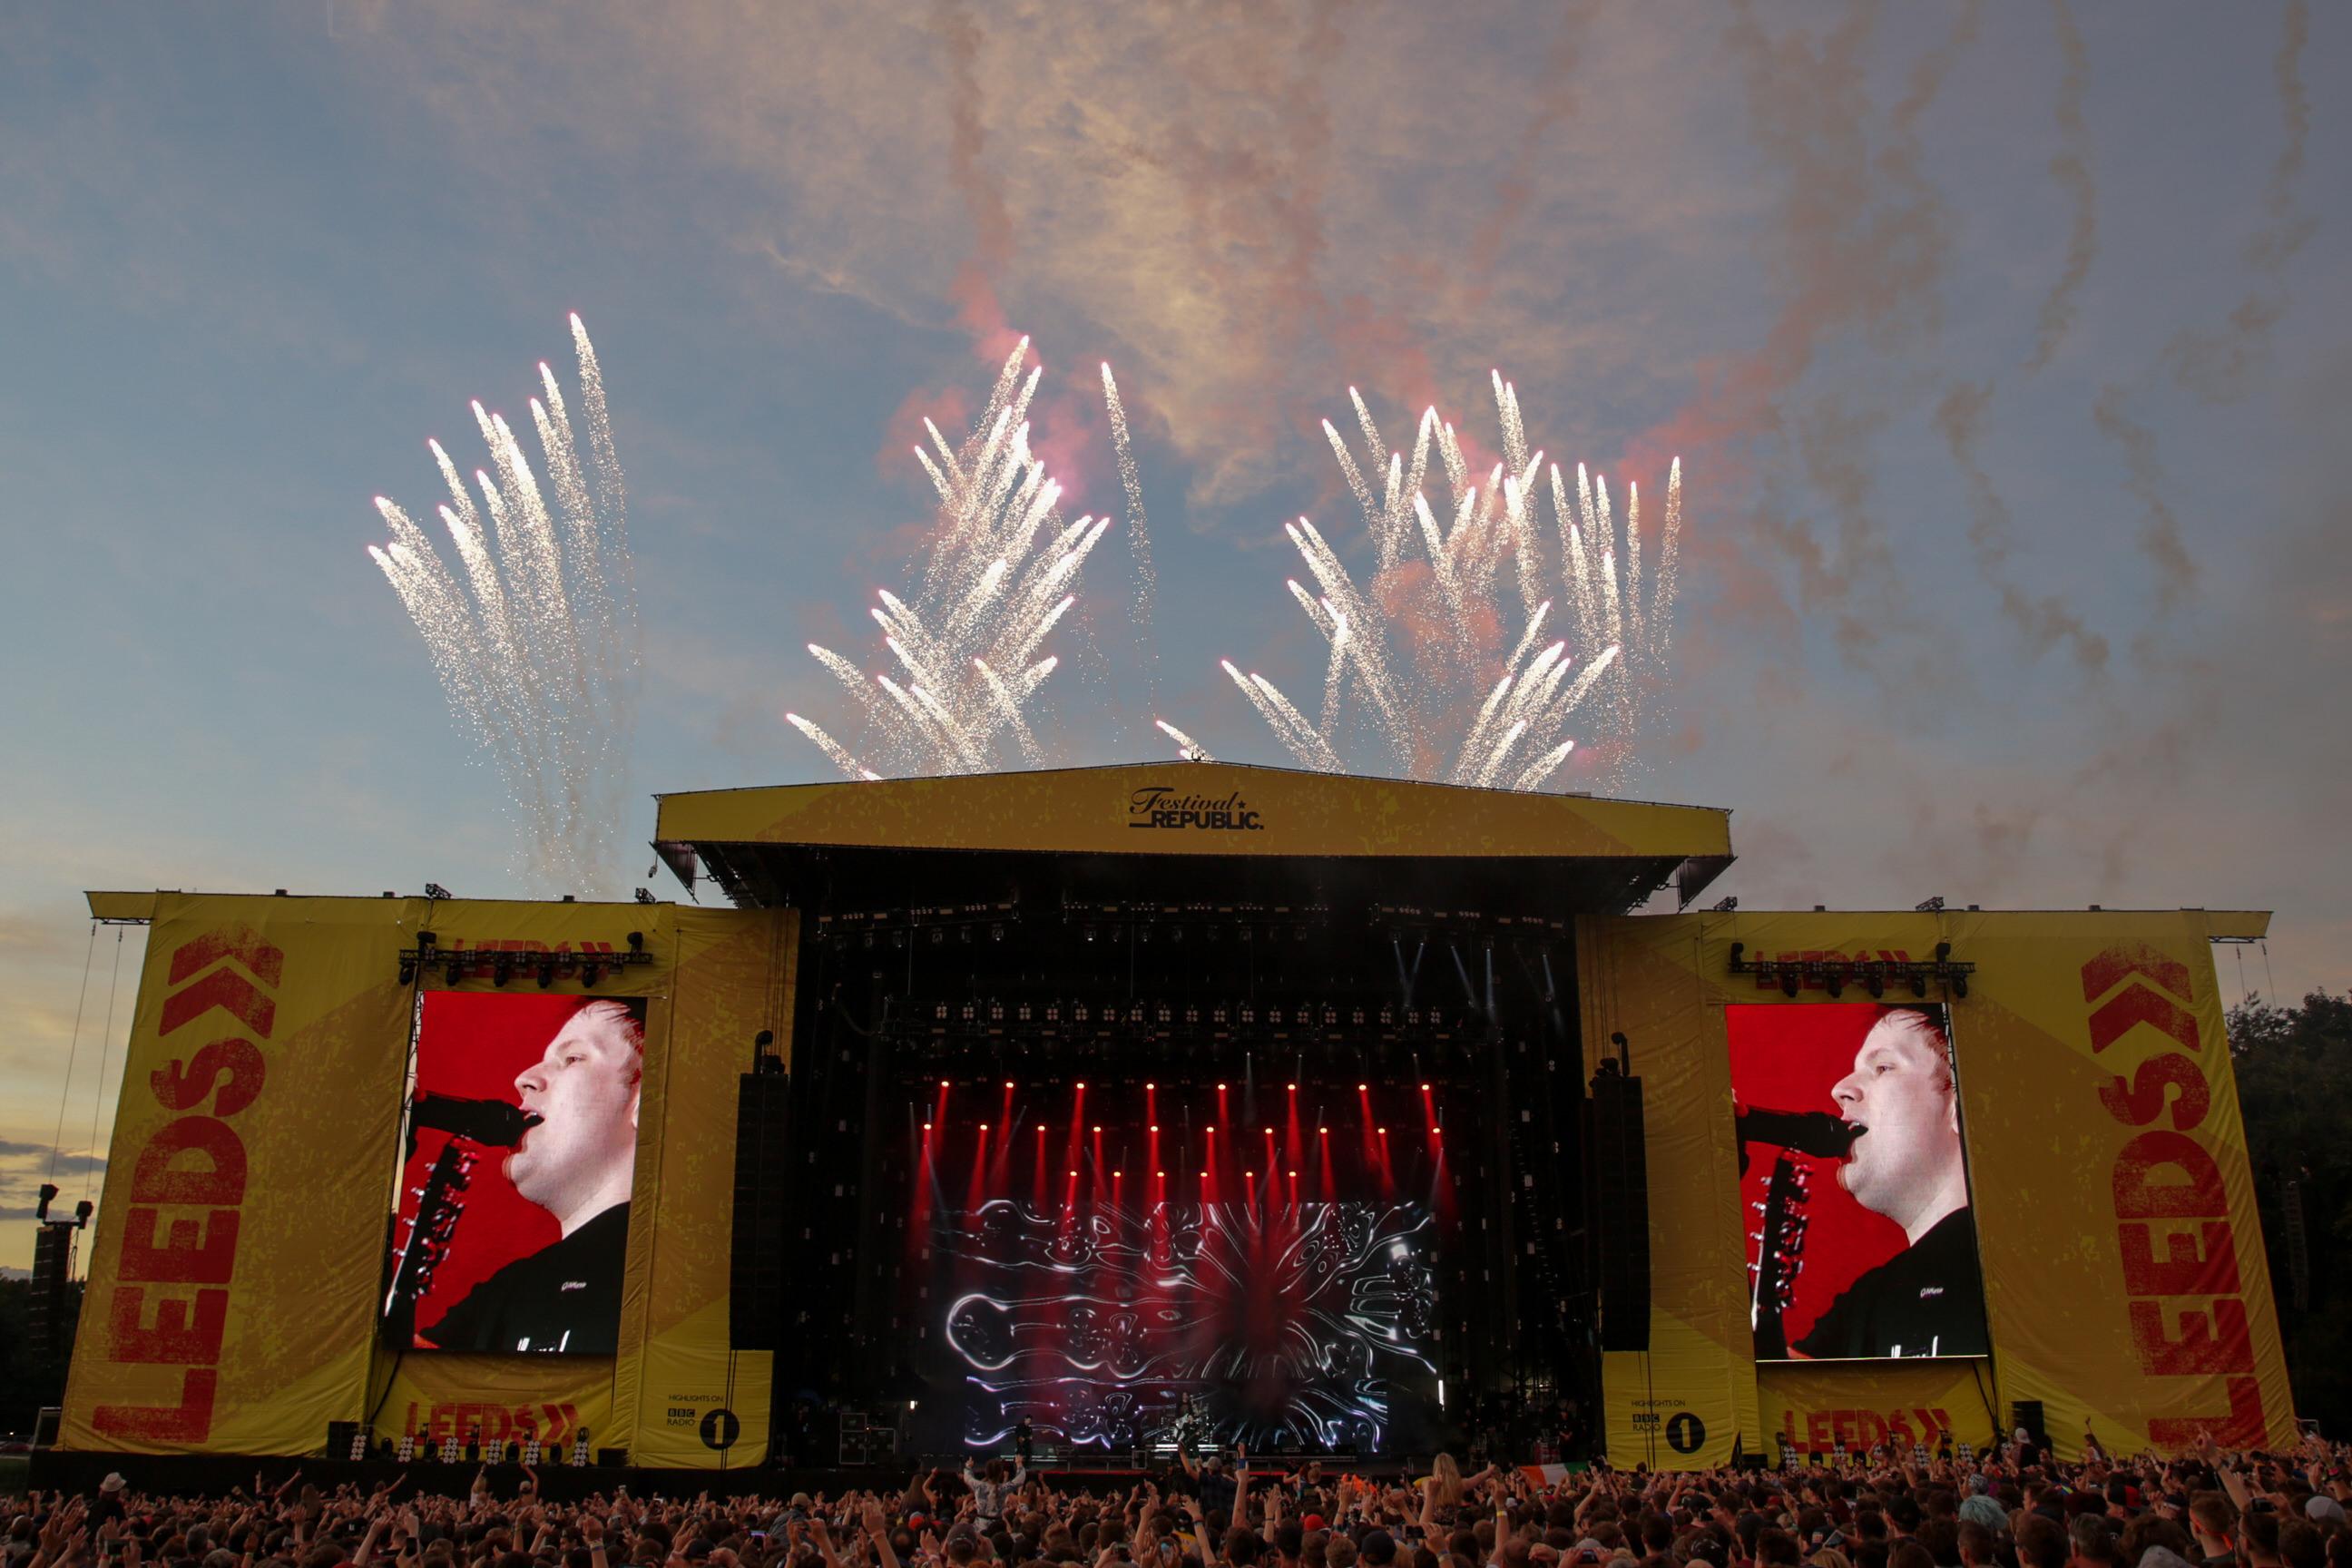 Leeds 2016